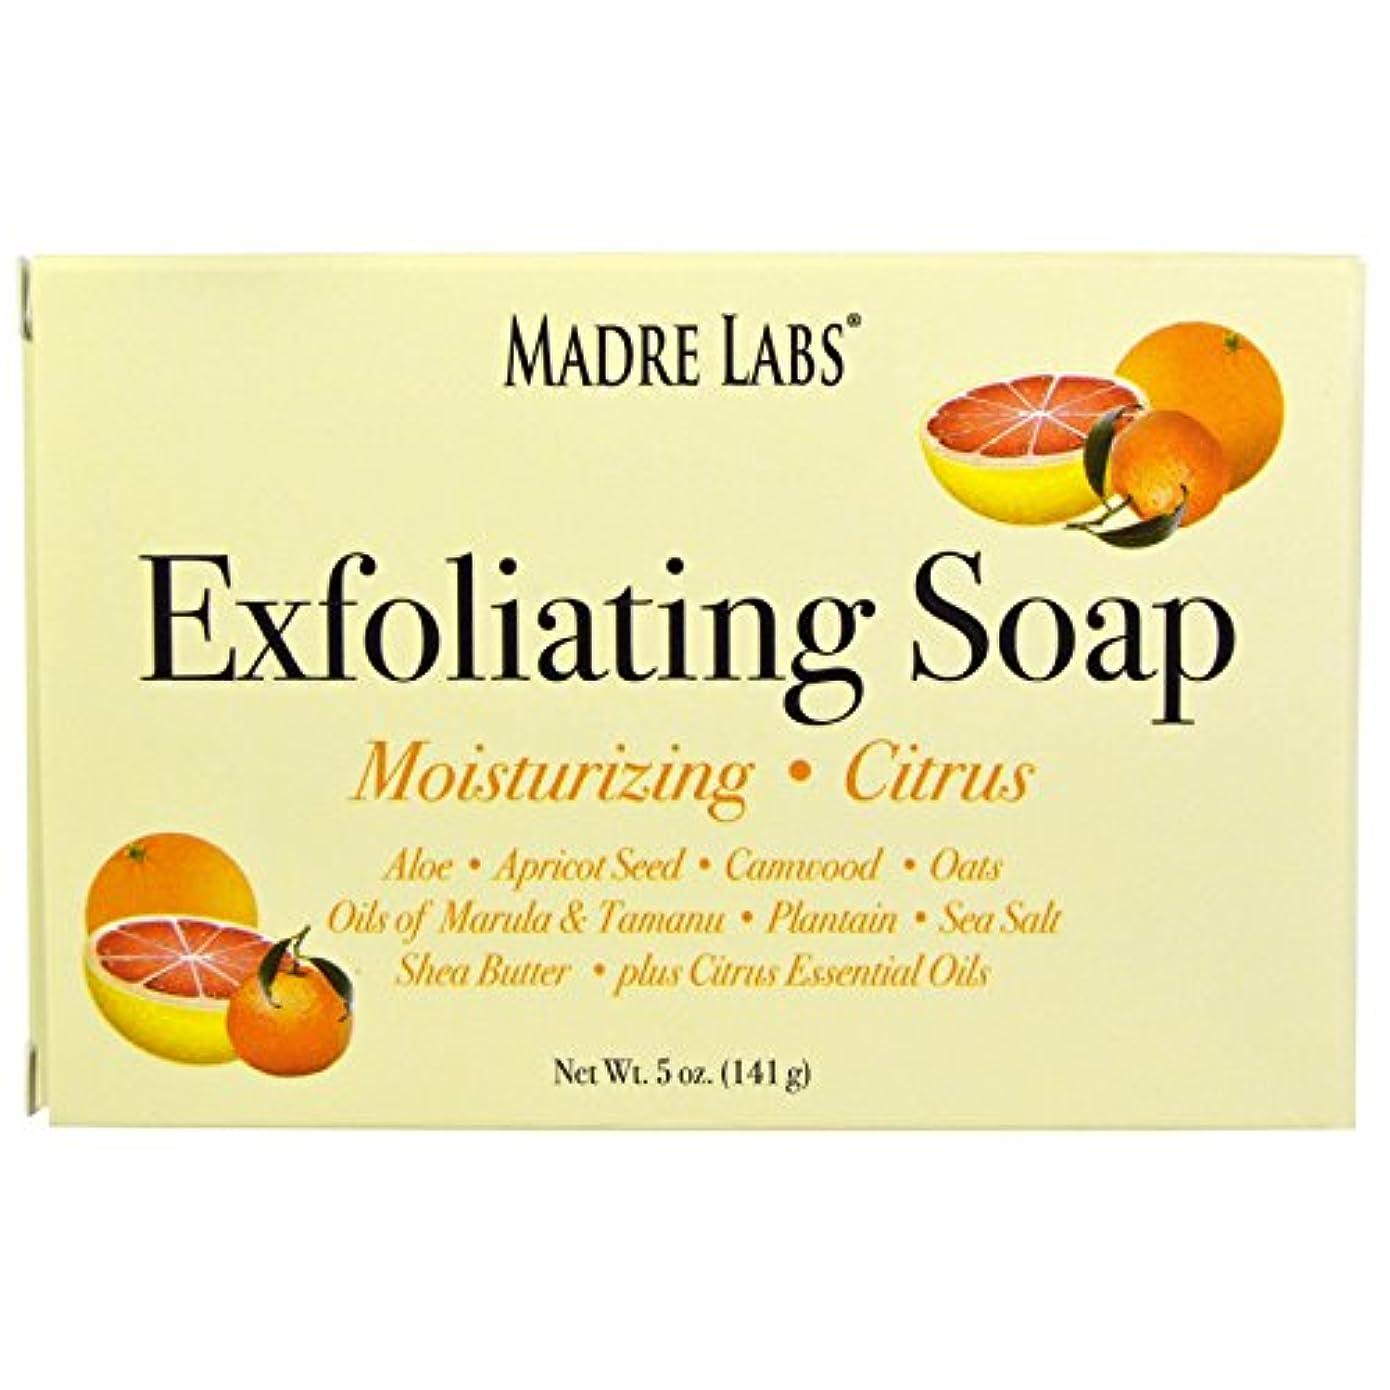 剪断記念むさぼり食うマドレラブ シアバター入り石鹸 柑橘フレーバー Madre Labs Exfoliating Soap Bar with Marula & Tamanu Oils plus Shea Butter